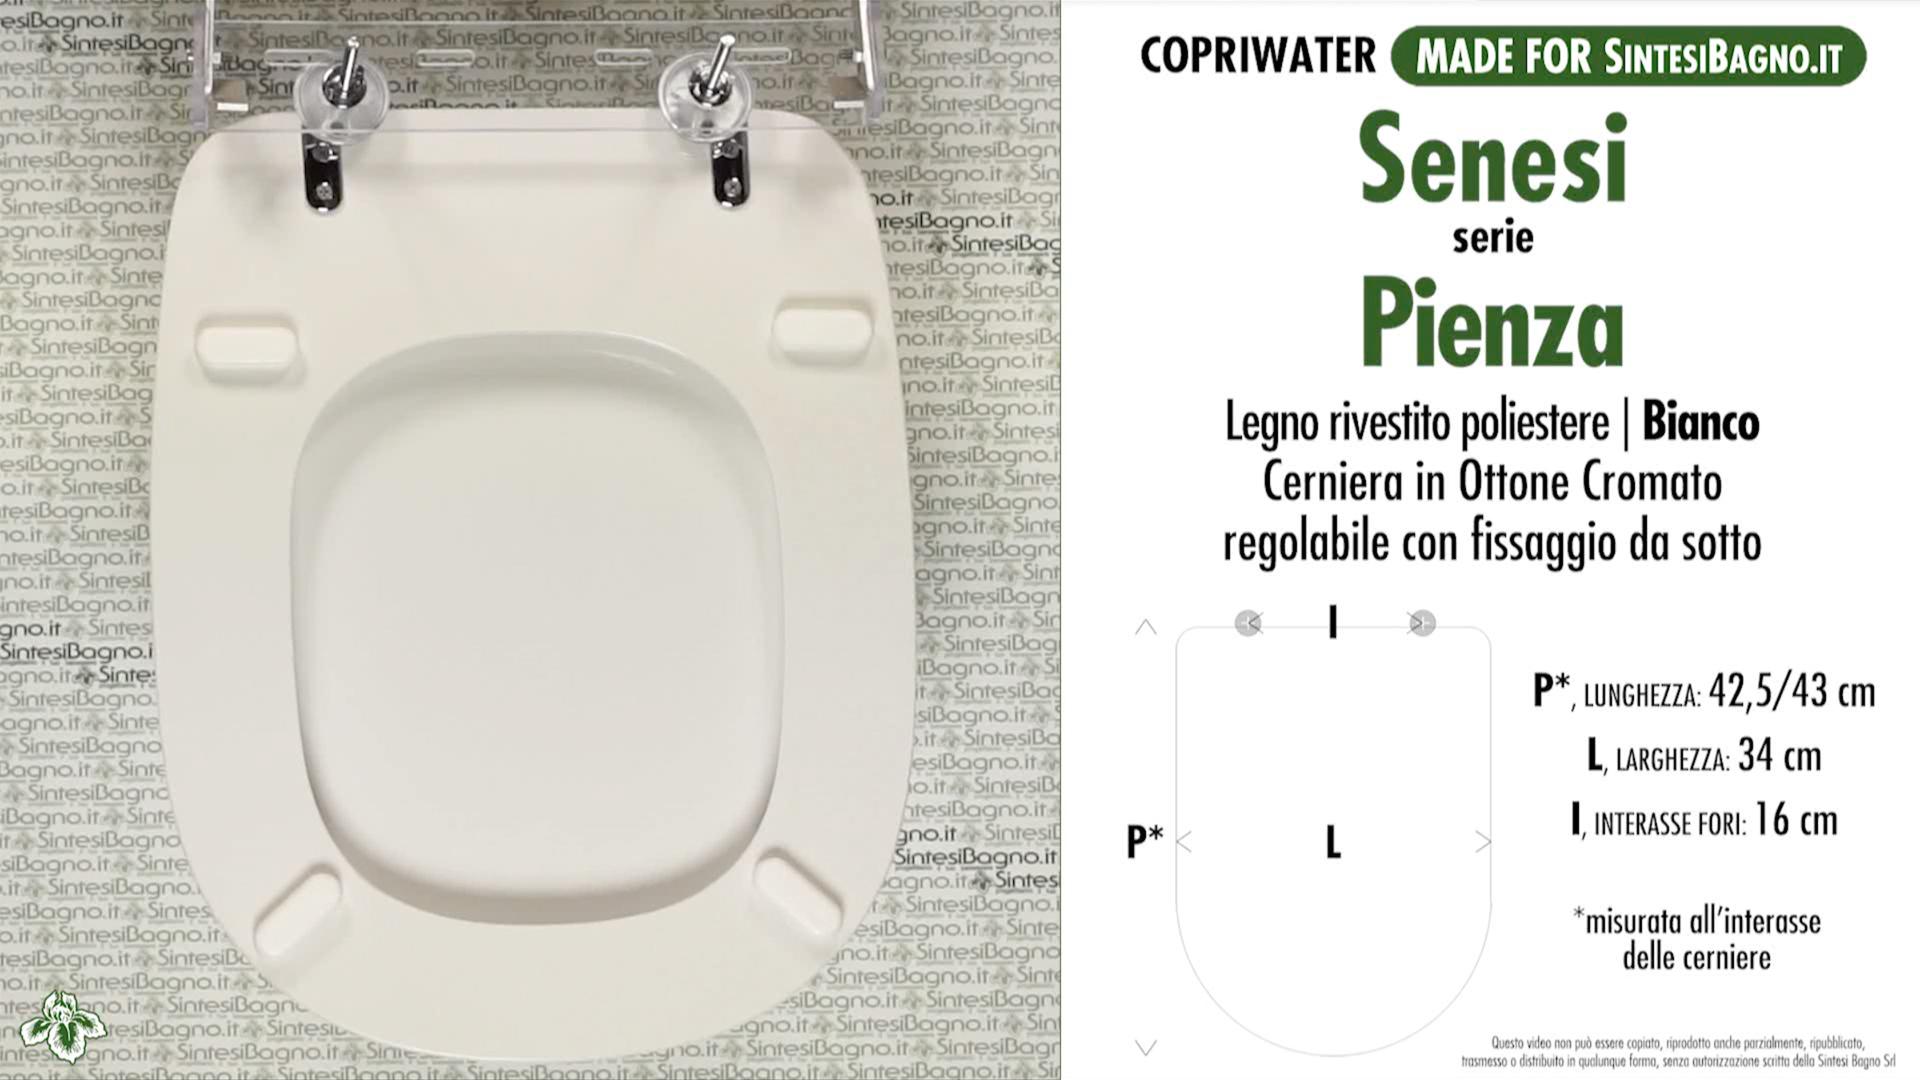 Sanitari Ceramiche Senesi.Copriwater Per Wc Pienza Senesi Ricambio Dedicato Legno Rivestito Sintesibagno Shop Online